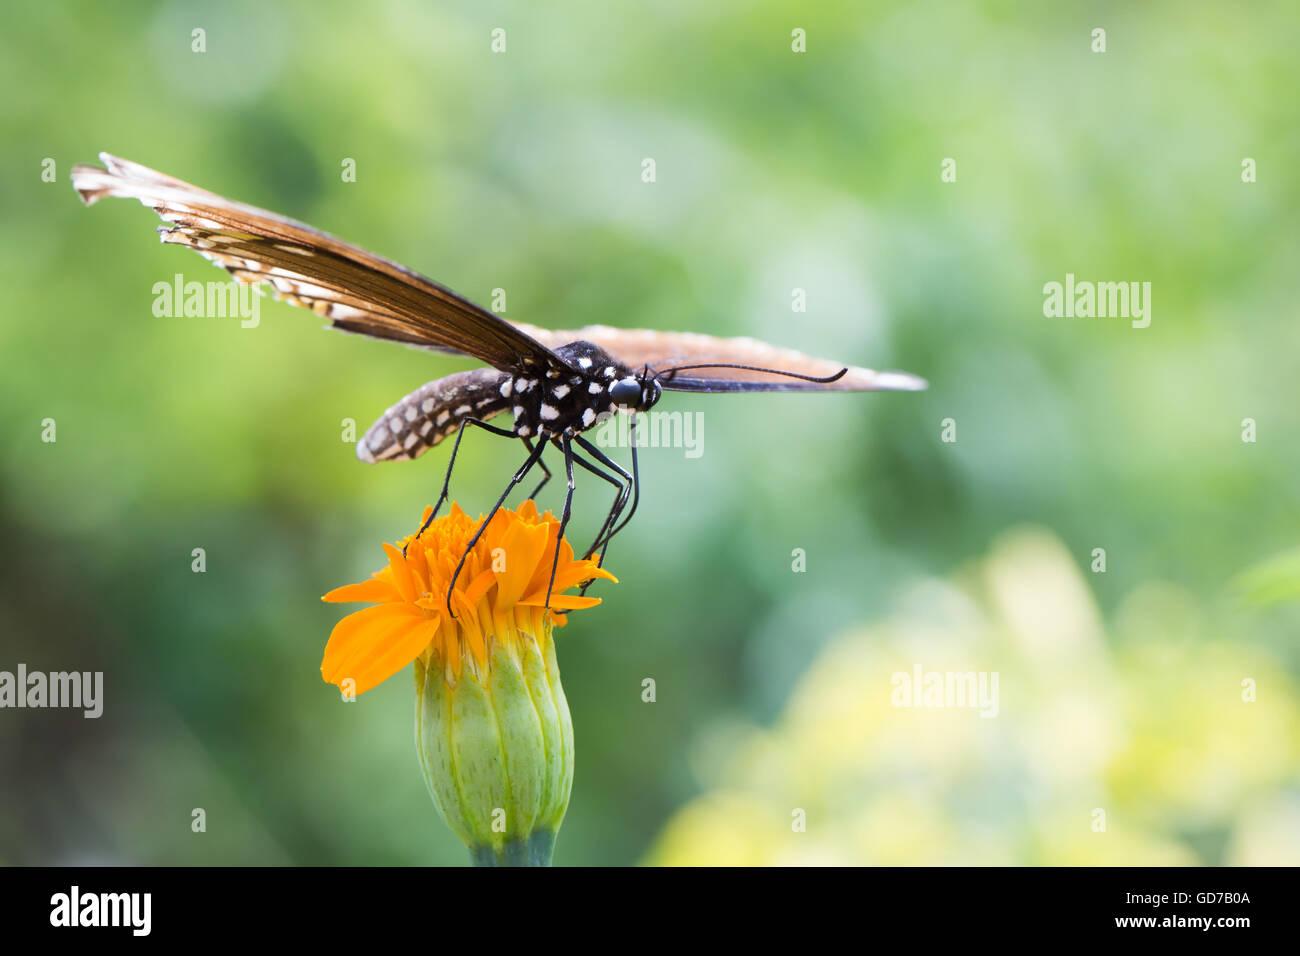 Mariposas coloridas posado sobre una flor para comer. Foto de stock